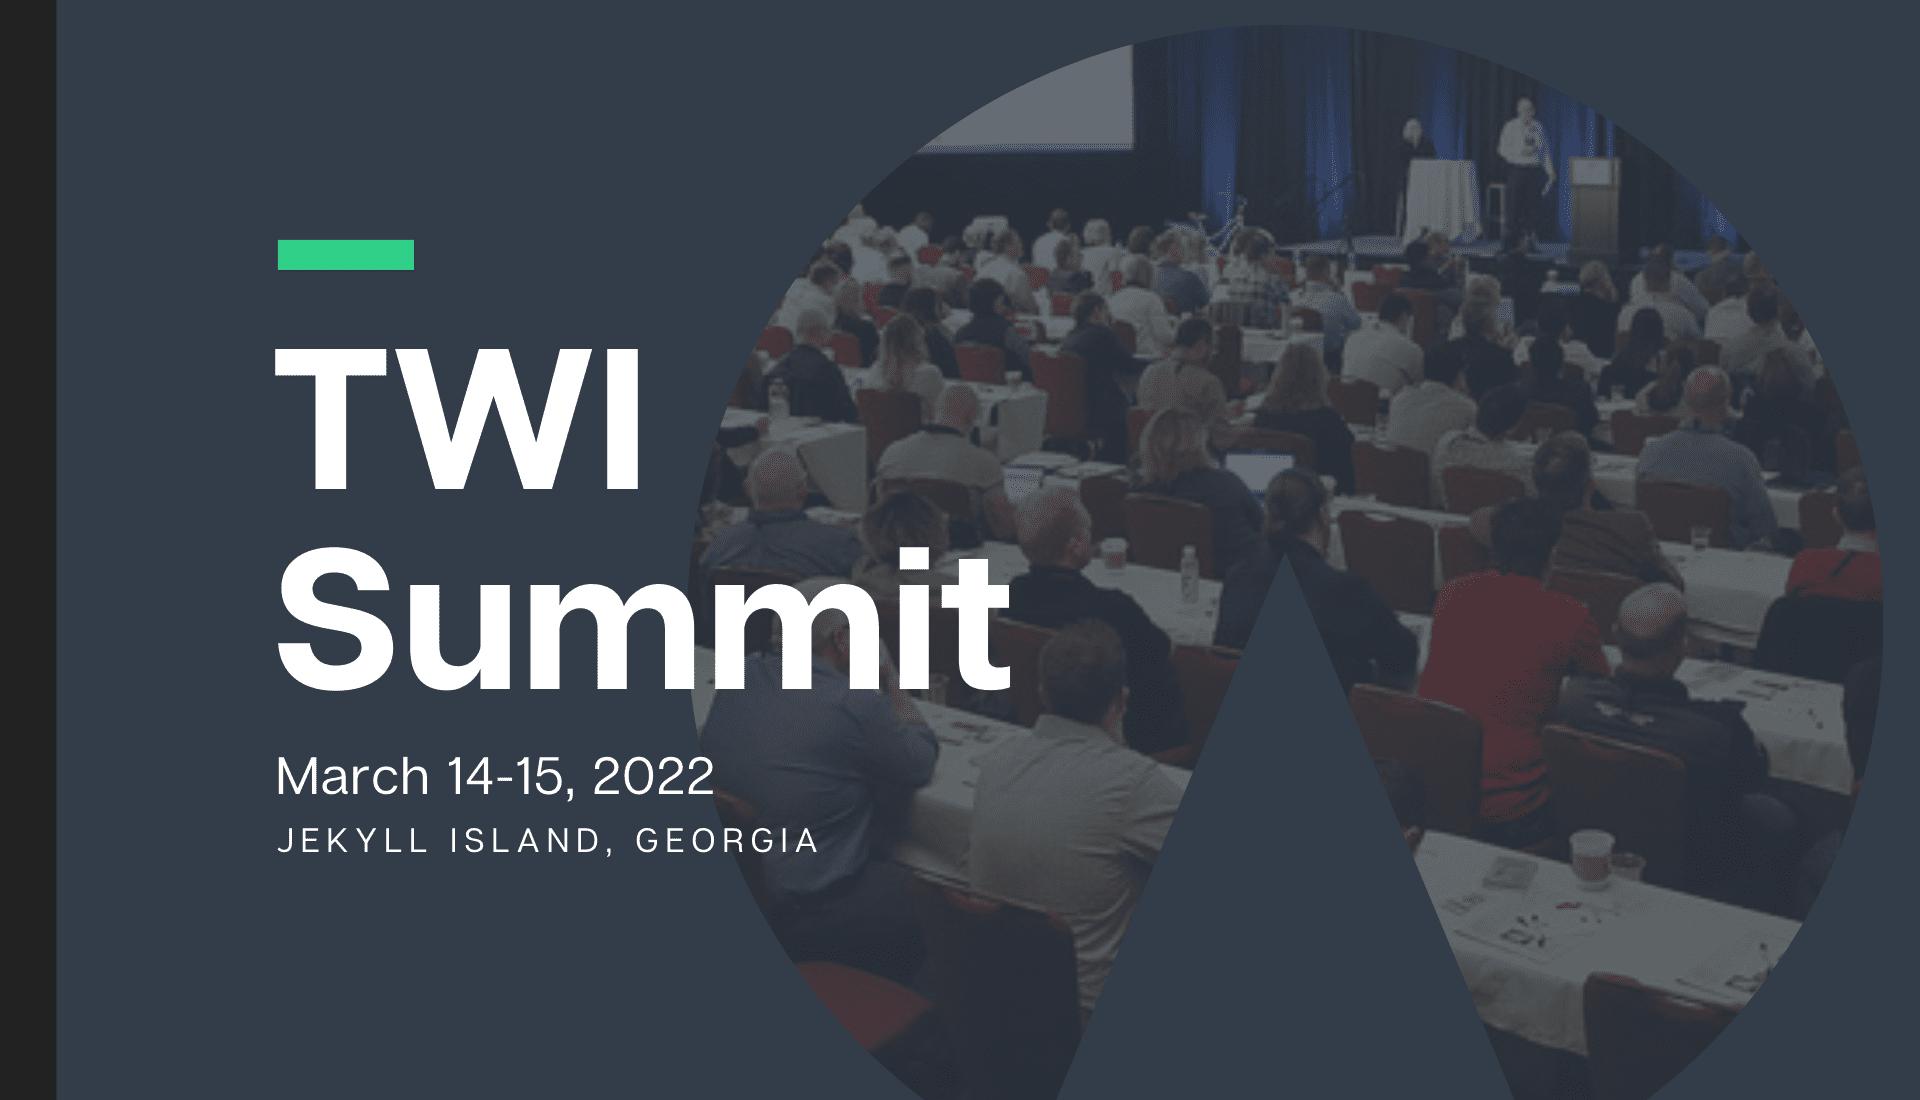 TWI Summit 2022